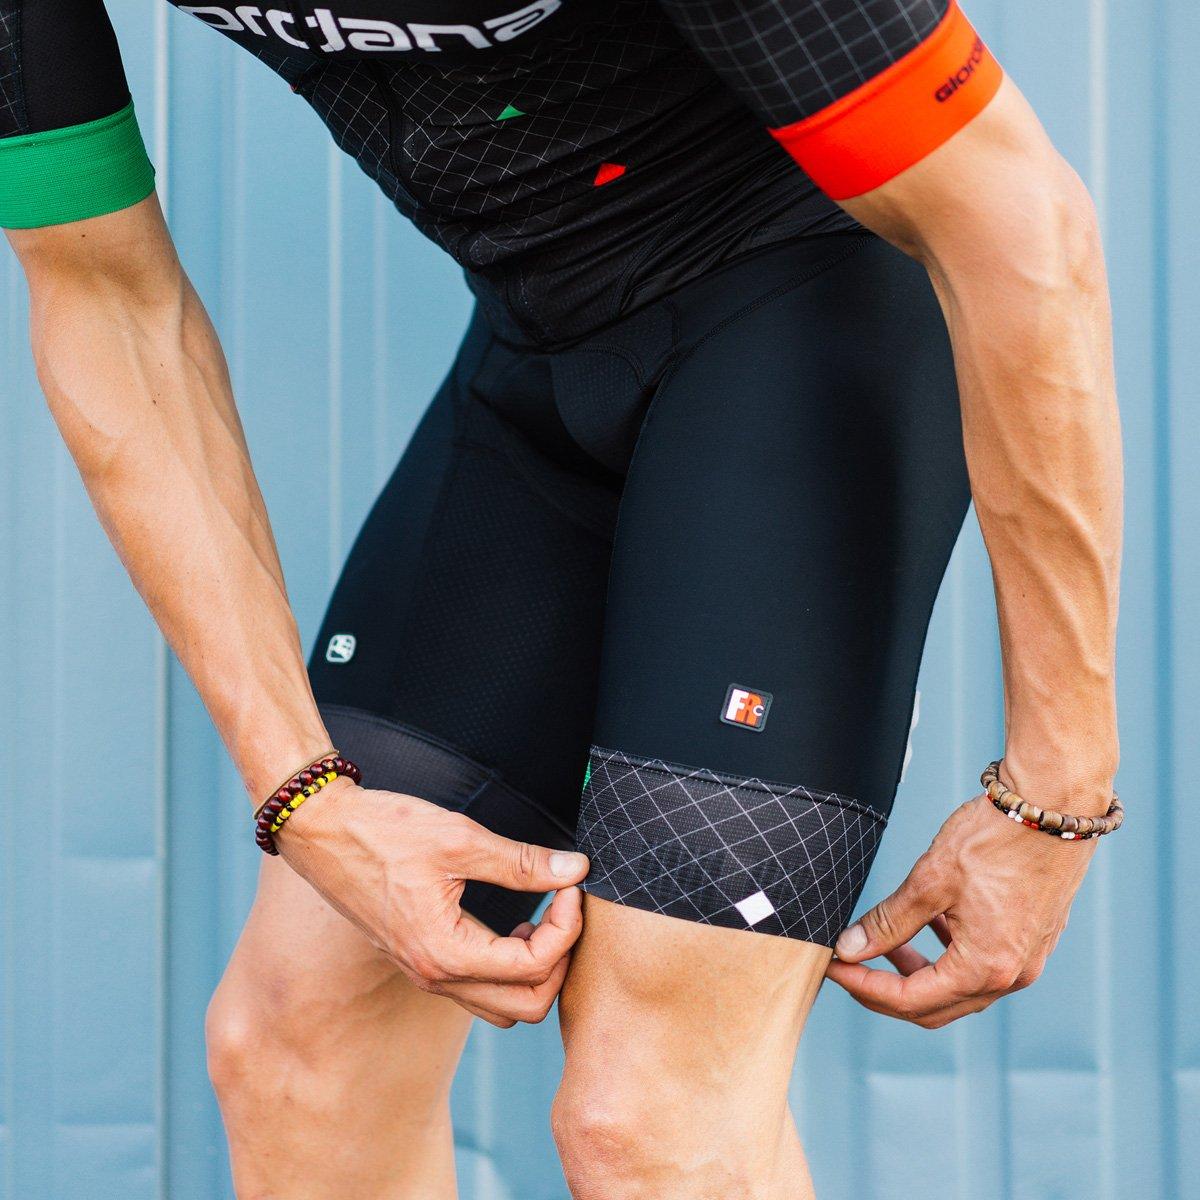 【名入れ無料】 Giordana – Bib 2019メンズfr-c ProディアマンテItalia Cycling Bib Shorts Shorts – gics18-bibs-frcp-dita Large BLACK/ITALIA B07FDDYLP7, ノムリエ ザネット:6eb21d8b --- martinemoeykens-com.access.secure-ssl-servers.info